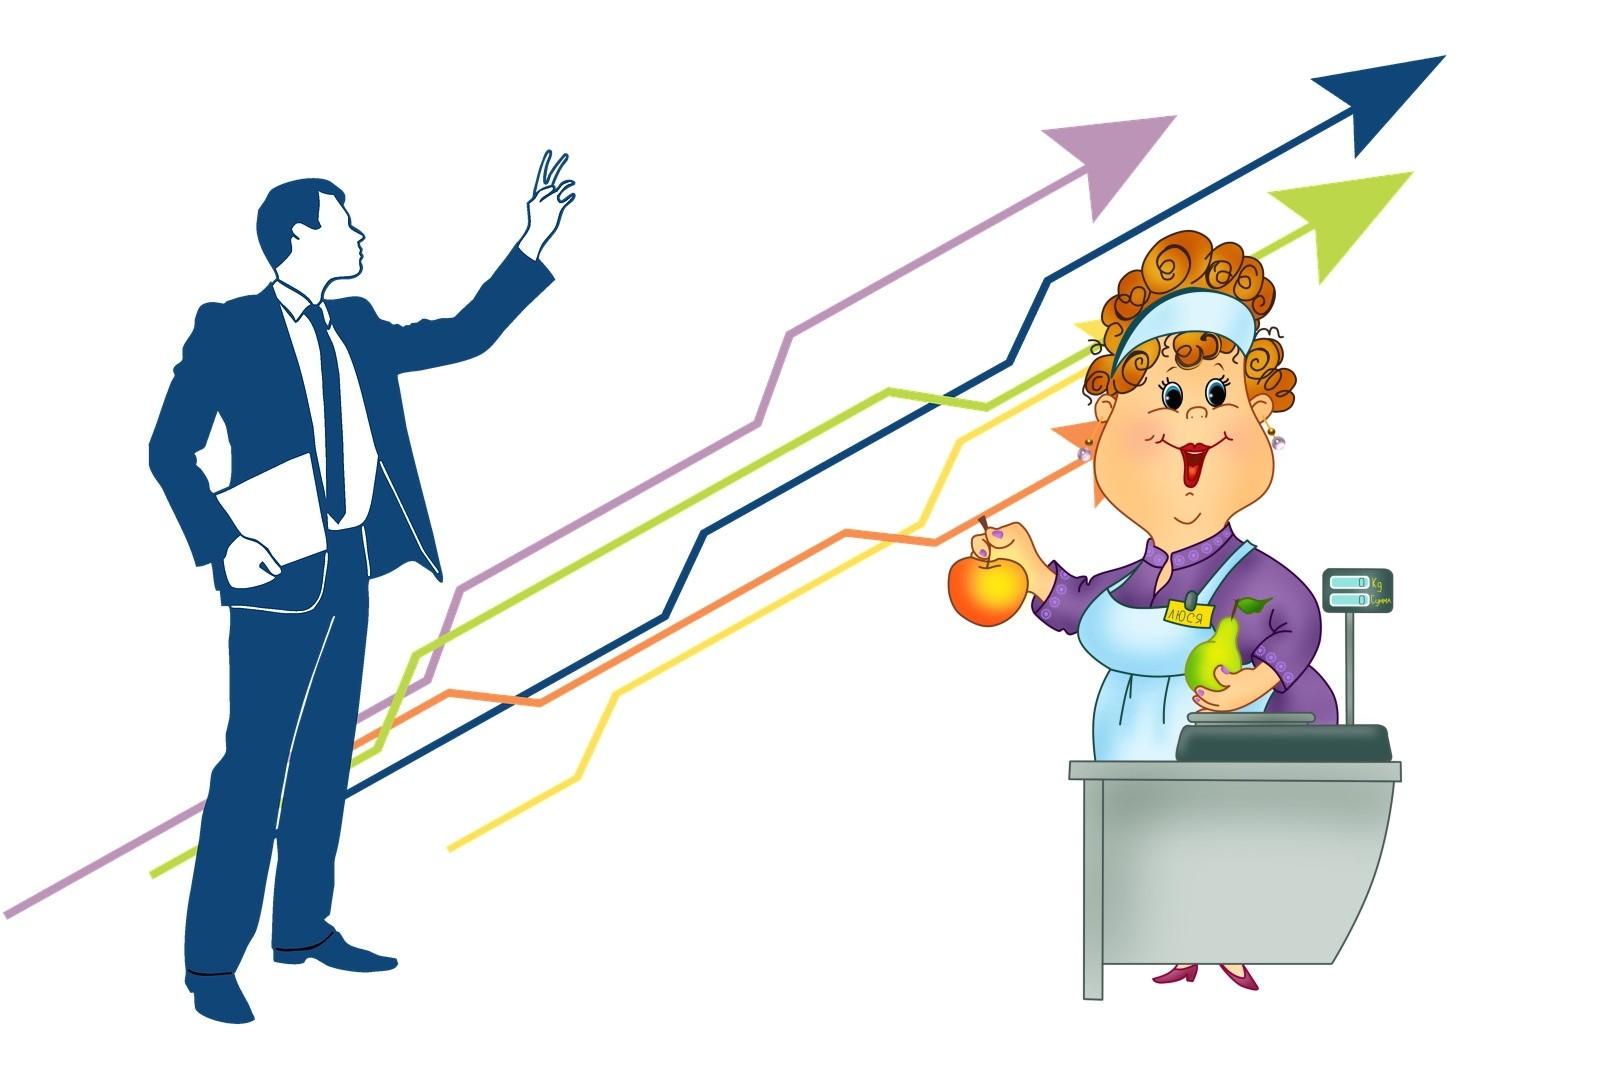 Маркетологи и продавцы